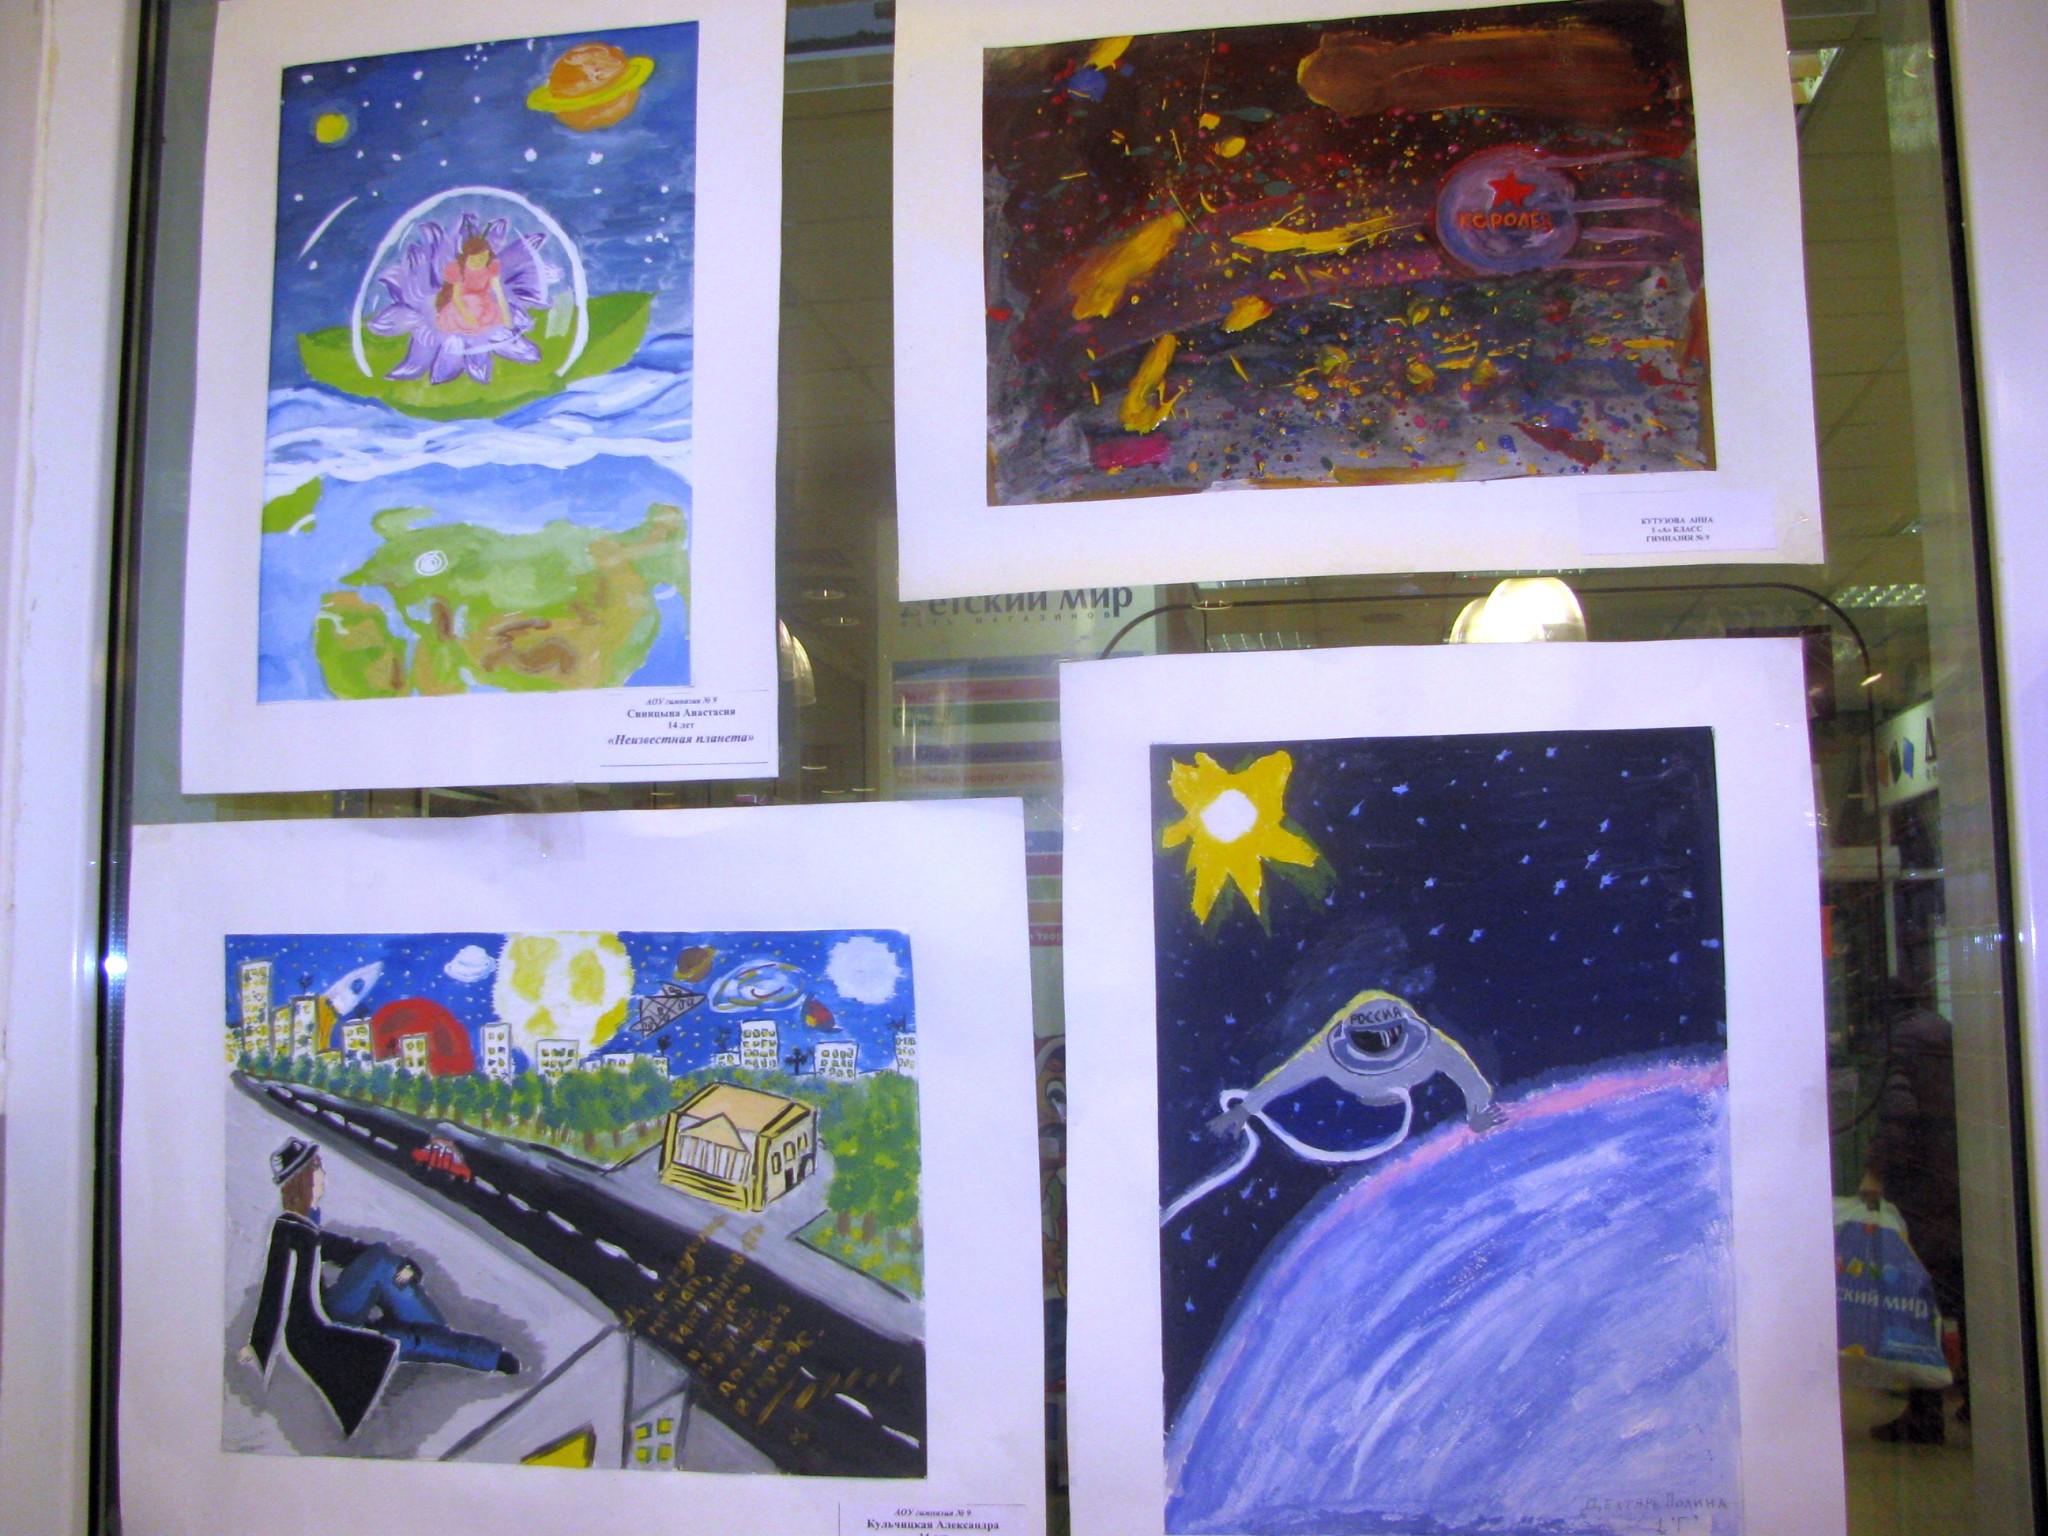 конкурс изобразительного искусства 2012: